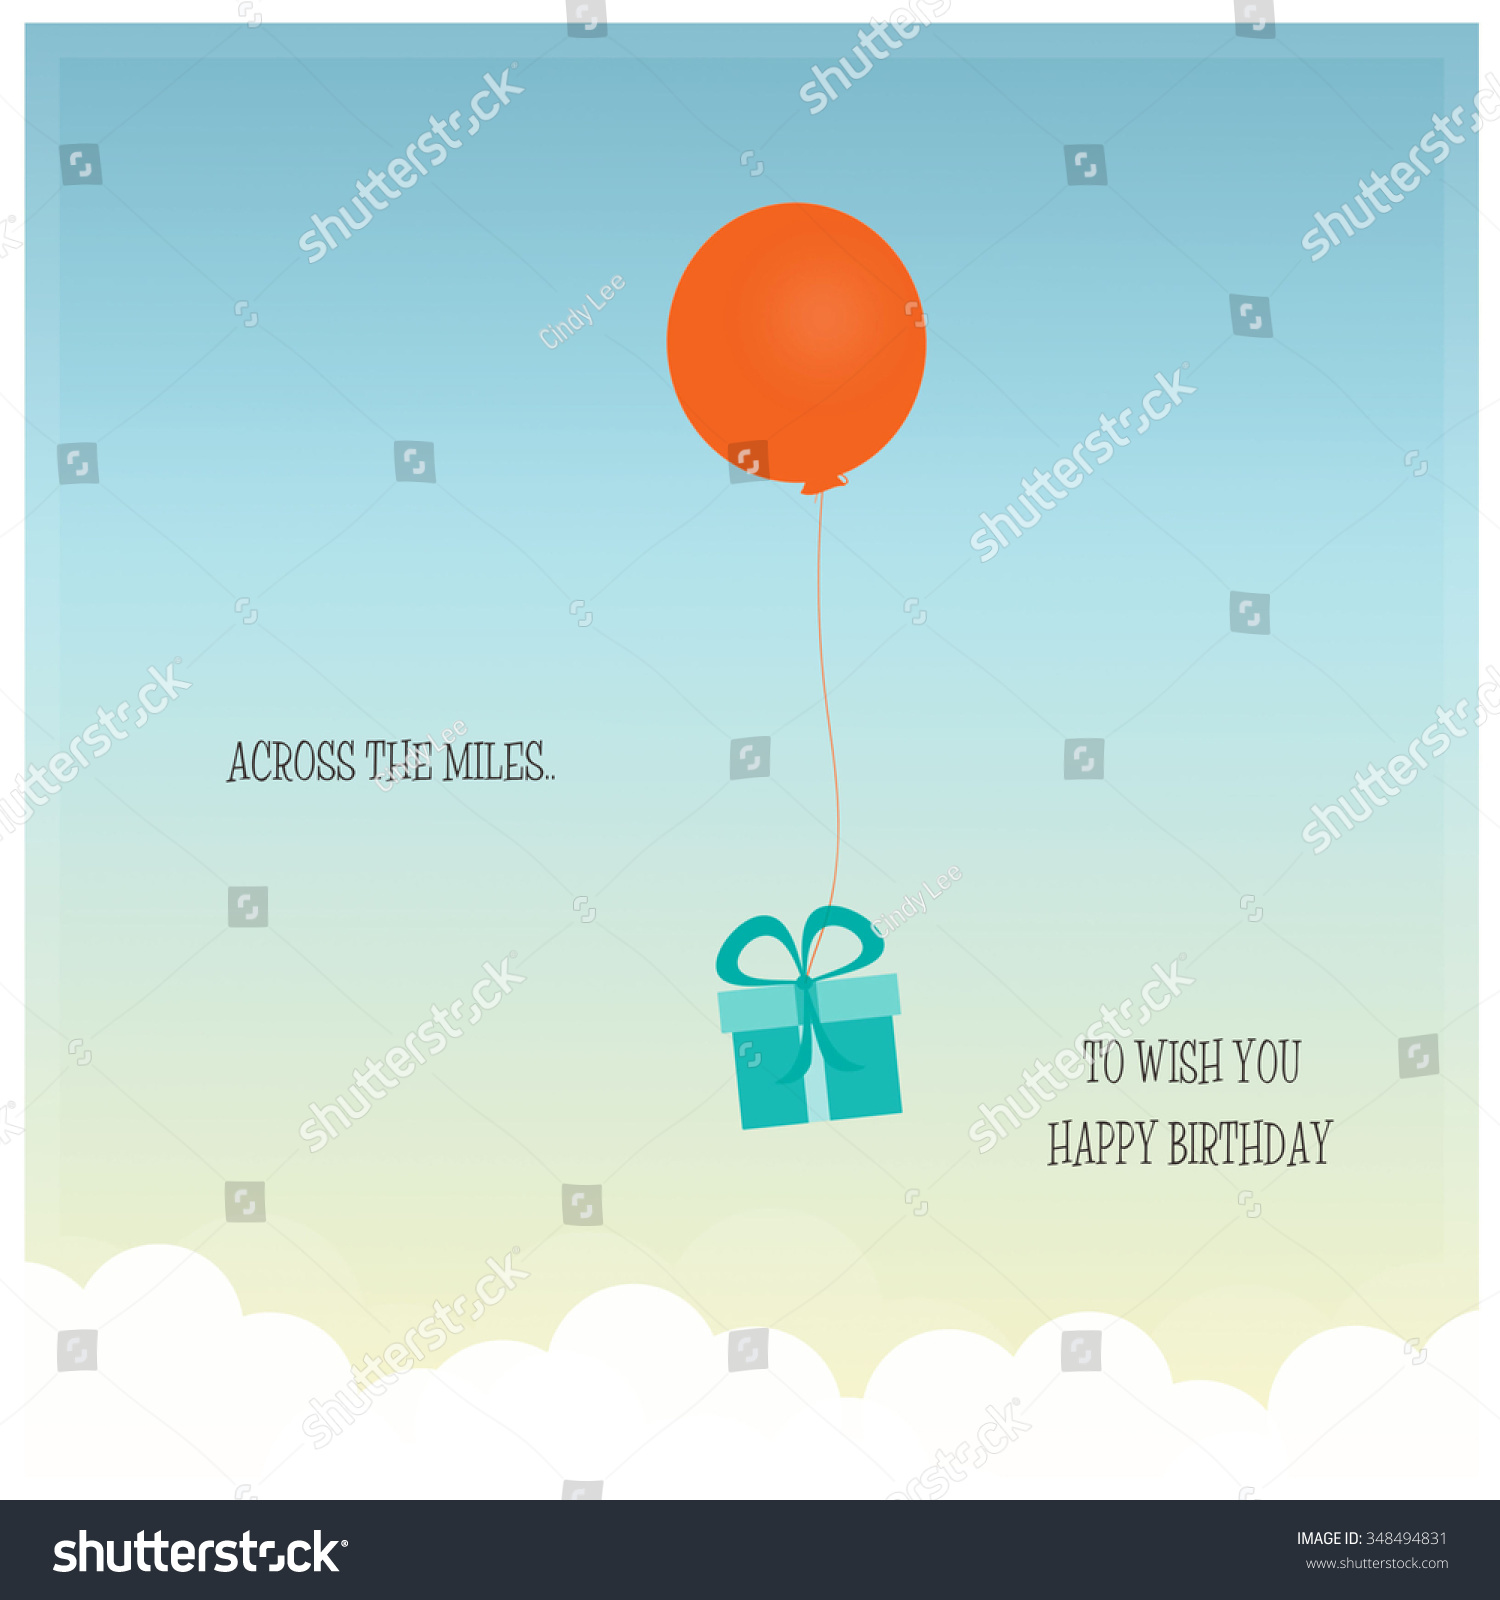 Across Miles Happy Birthday Stock Illustration 348494831